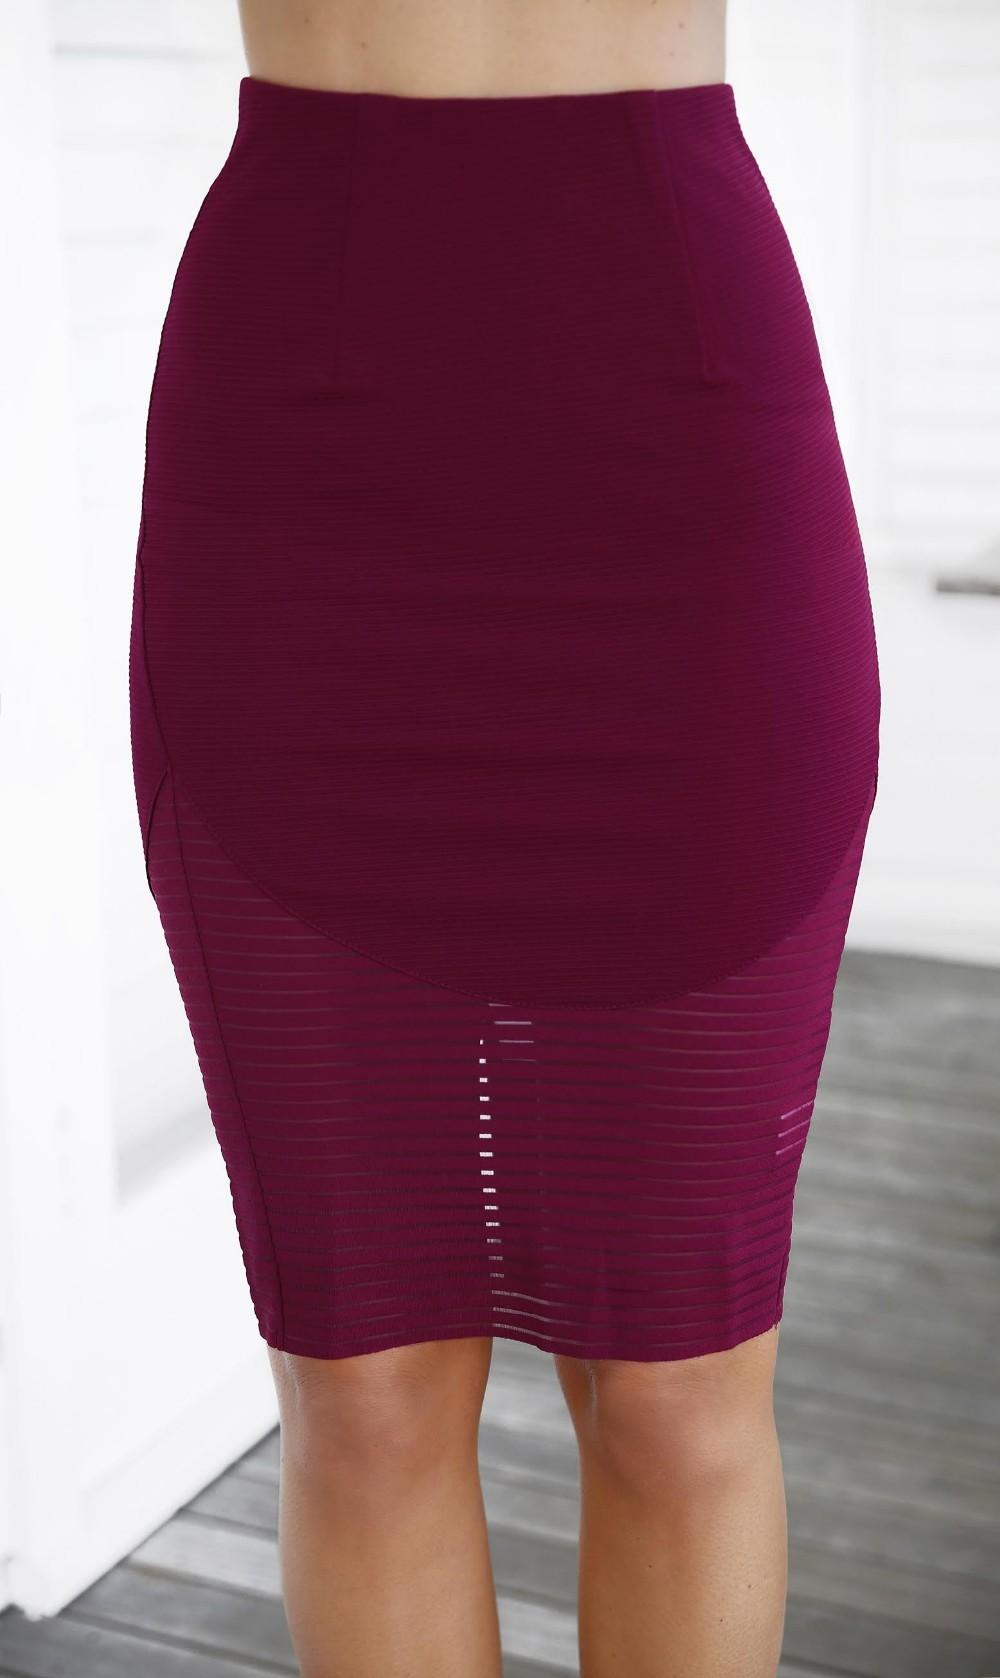 skirt_3_1